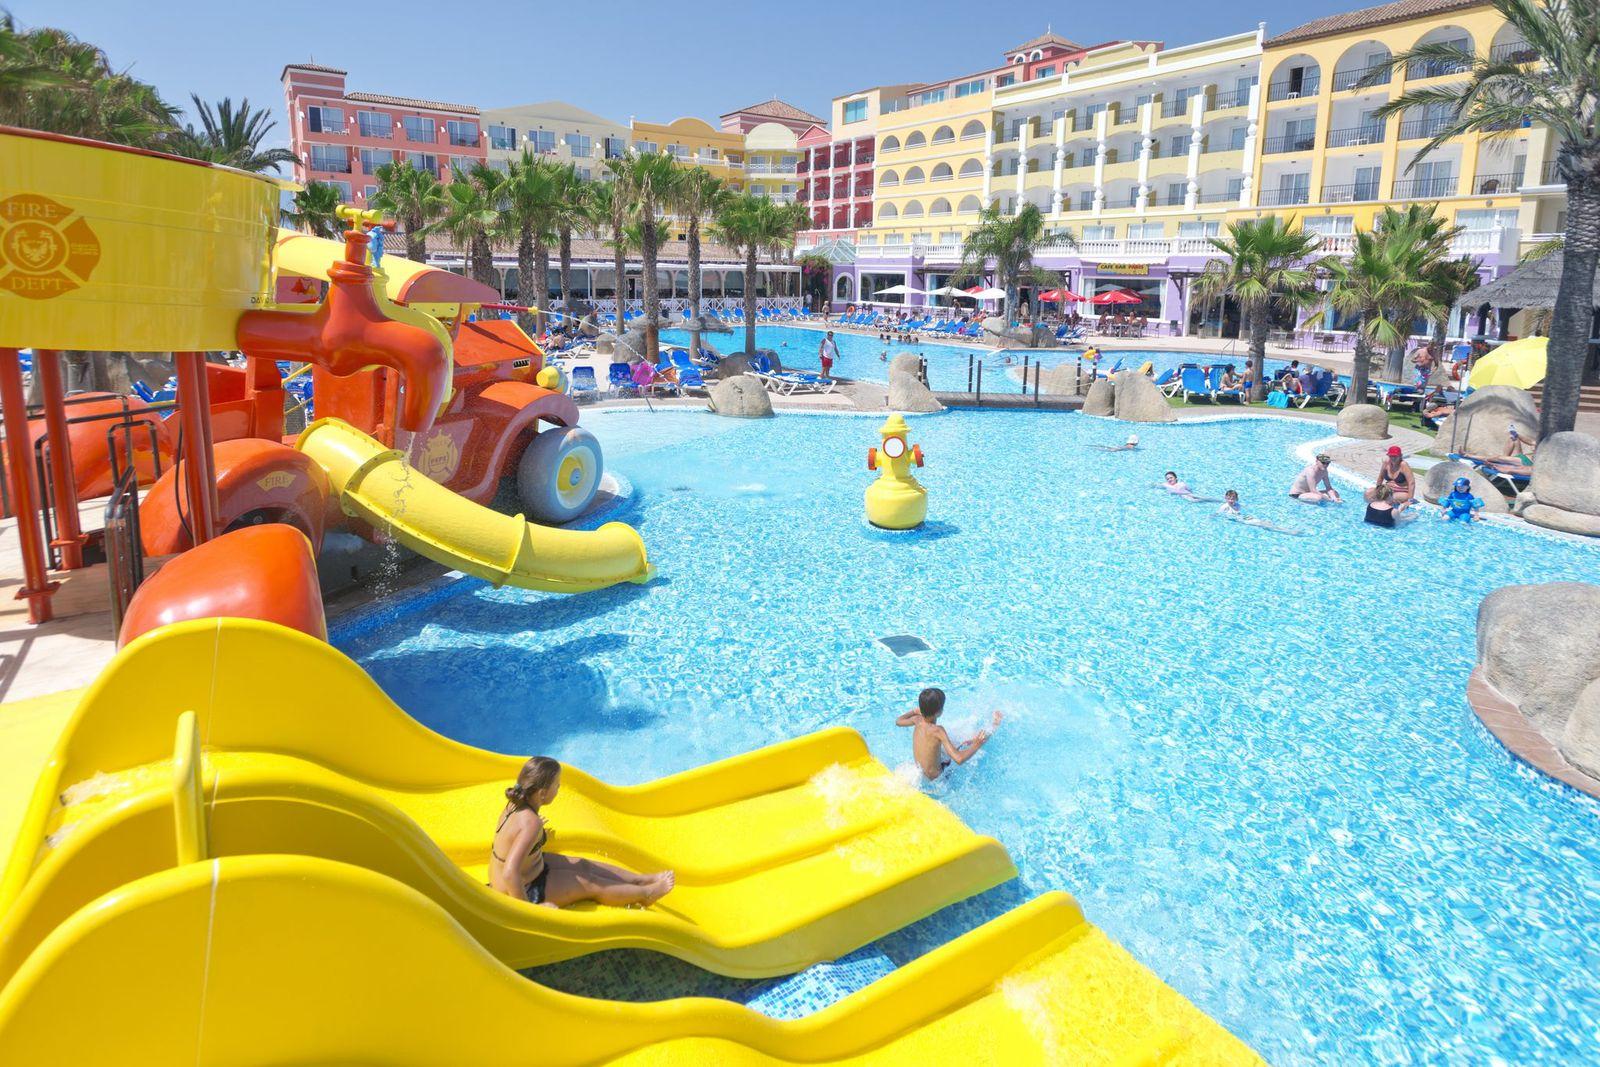 Hoteles para ni os hoteles para ir con ni os de for Clases de piscina para ninos